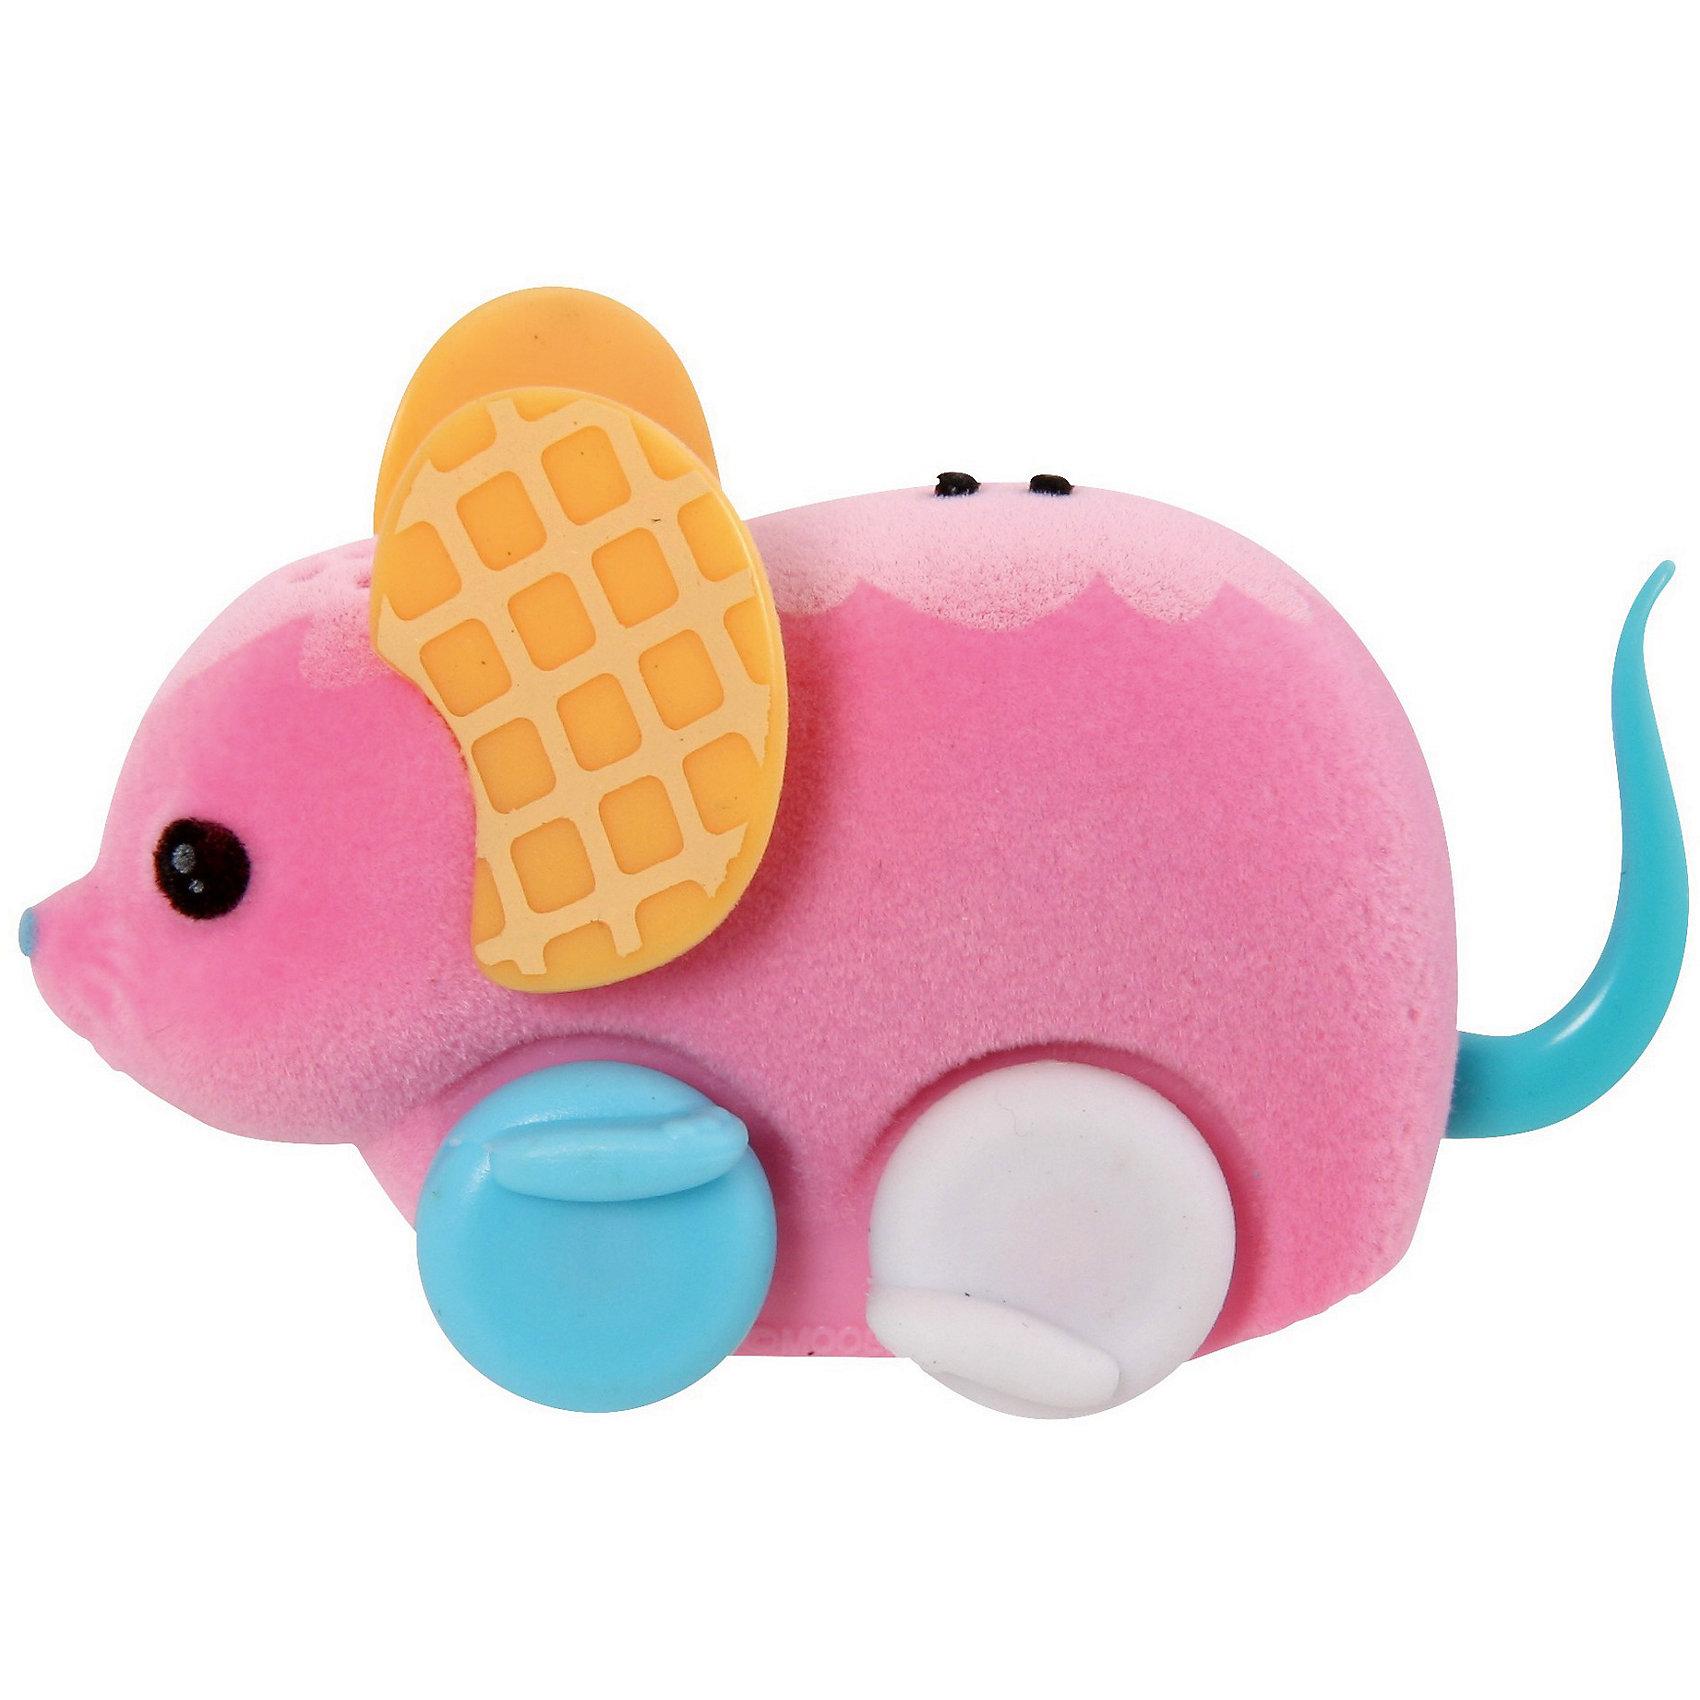 Интерактивная мышка в колесе, розовая, Little Live PetsИнтерактивная мышка в колесе, розовая, Little Live Pets (Литтл лайв петс) от австралийского бренда Moose (Мус). Новая нежная игрушка – мышка, очень приятна на ощупь, ее тельце как будто сделано из бархата. Лапки сделаны в виде колесиков, которые позволяют мышке бегать. Красивые большие ушки мышки отлично сочетаются с рисунками на спинке и хвостиком. Мышка может пищать и издават интересные звуки, как настоящая если ее поглаживать по спинке. Движения мышки очень похожи на настоящую. В комплект входит розовое колесо для бега. С мышкой можно придумать много игр и почувствовать, будто дома появился новый домашний питомец. <br><br>Дополнительная информация:<br><br>- В комплект входит: 1 мышка, колесо<br>- Состав: пластик, флок<br>- Элементы питания: 3 батарейки AG13 (LR44) (имеются в комплекте)<br>- Умеет пищать<br><br>Интерактивную мышку в колесе, розовая, Little Live Pets (Литтл лайв петс), Moose (Мус) можно купить в нашем интернет-магазине.<br>Подробнее:<br>• Для детей в возрасте: от 5 до 8 лет <br>• Номер товара: 5055298<br>Страна производитель: Китай<br><br>Ширина мм: 55<br>Глубина мм: 180<br>Высота мм: 220<br>Вес г: 200<br>Возраст от месяцев: 60<br>Возраст до месяцев: 120<br>Пол: Унисекс<br>Возраст: Детский<br>SKU: 5055298